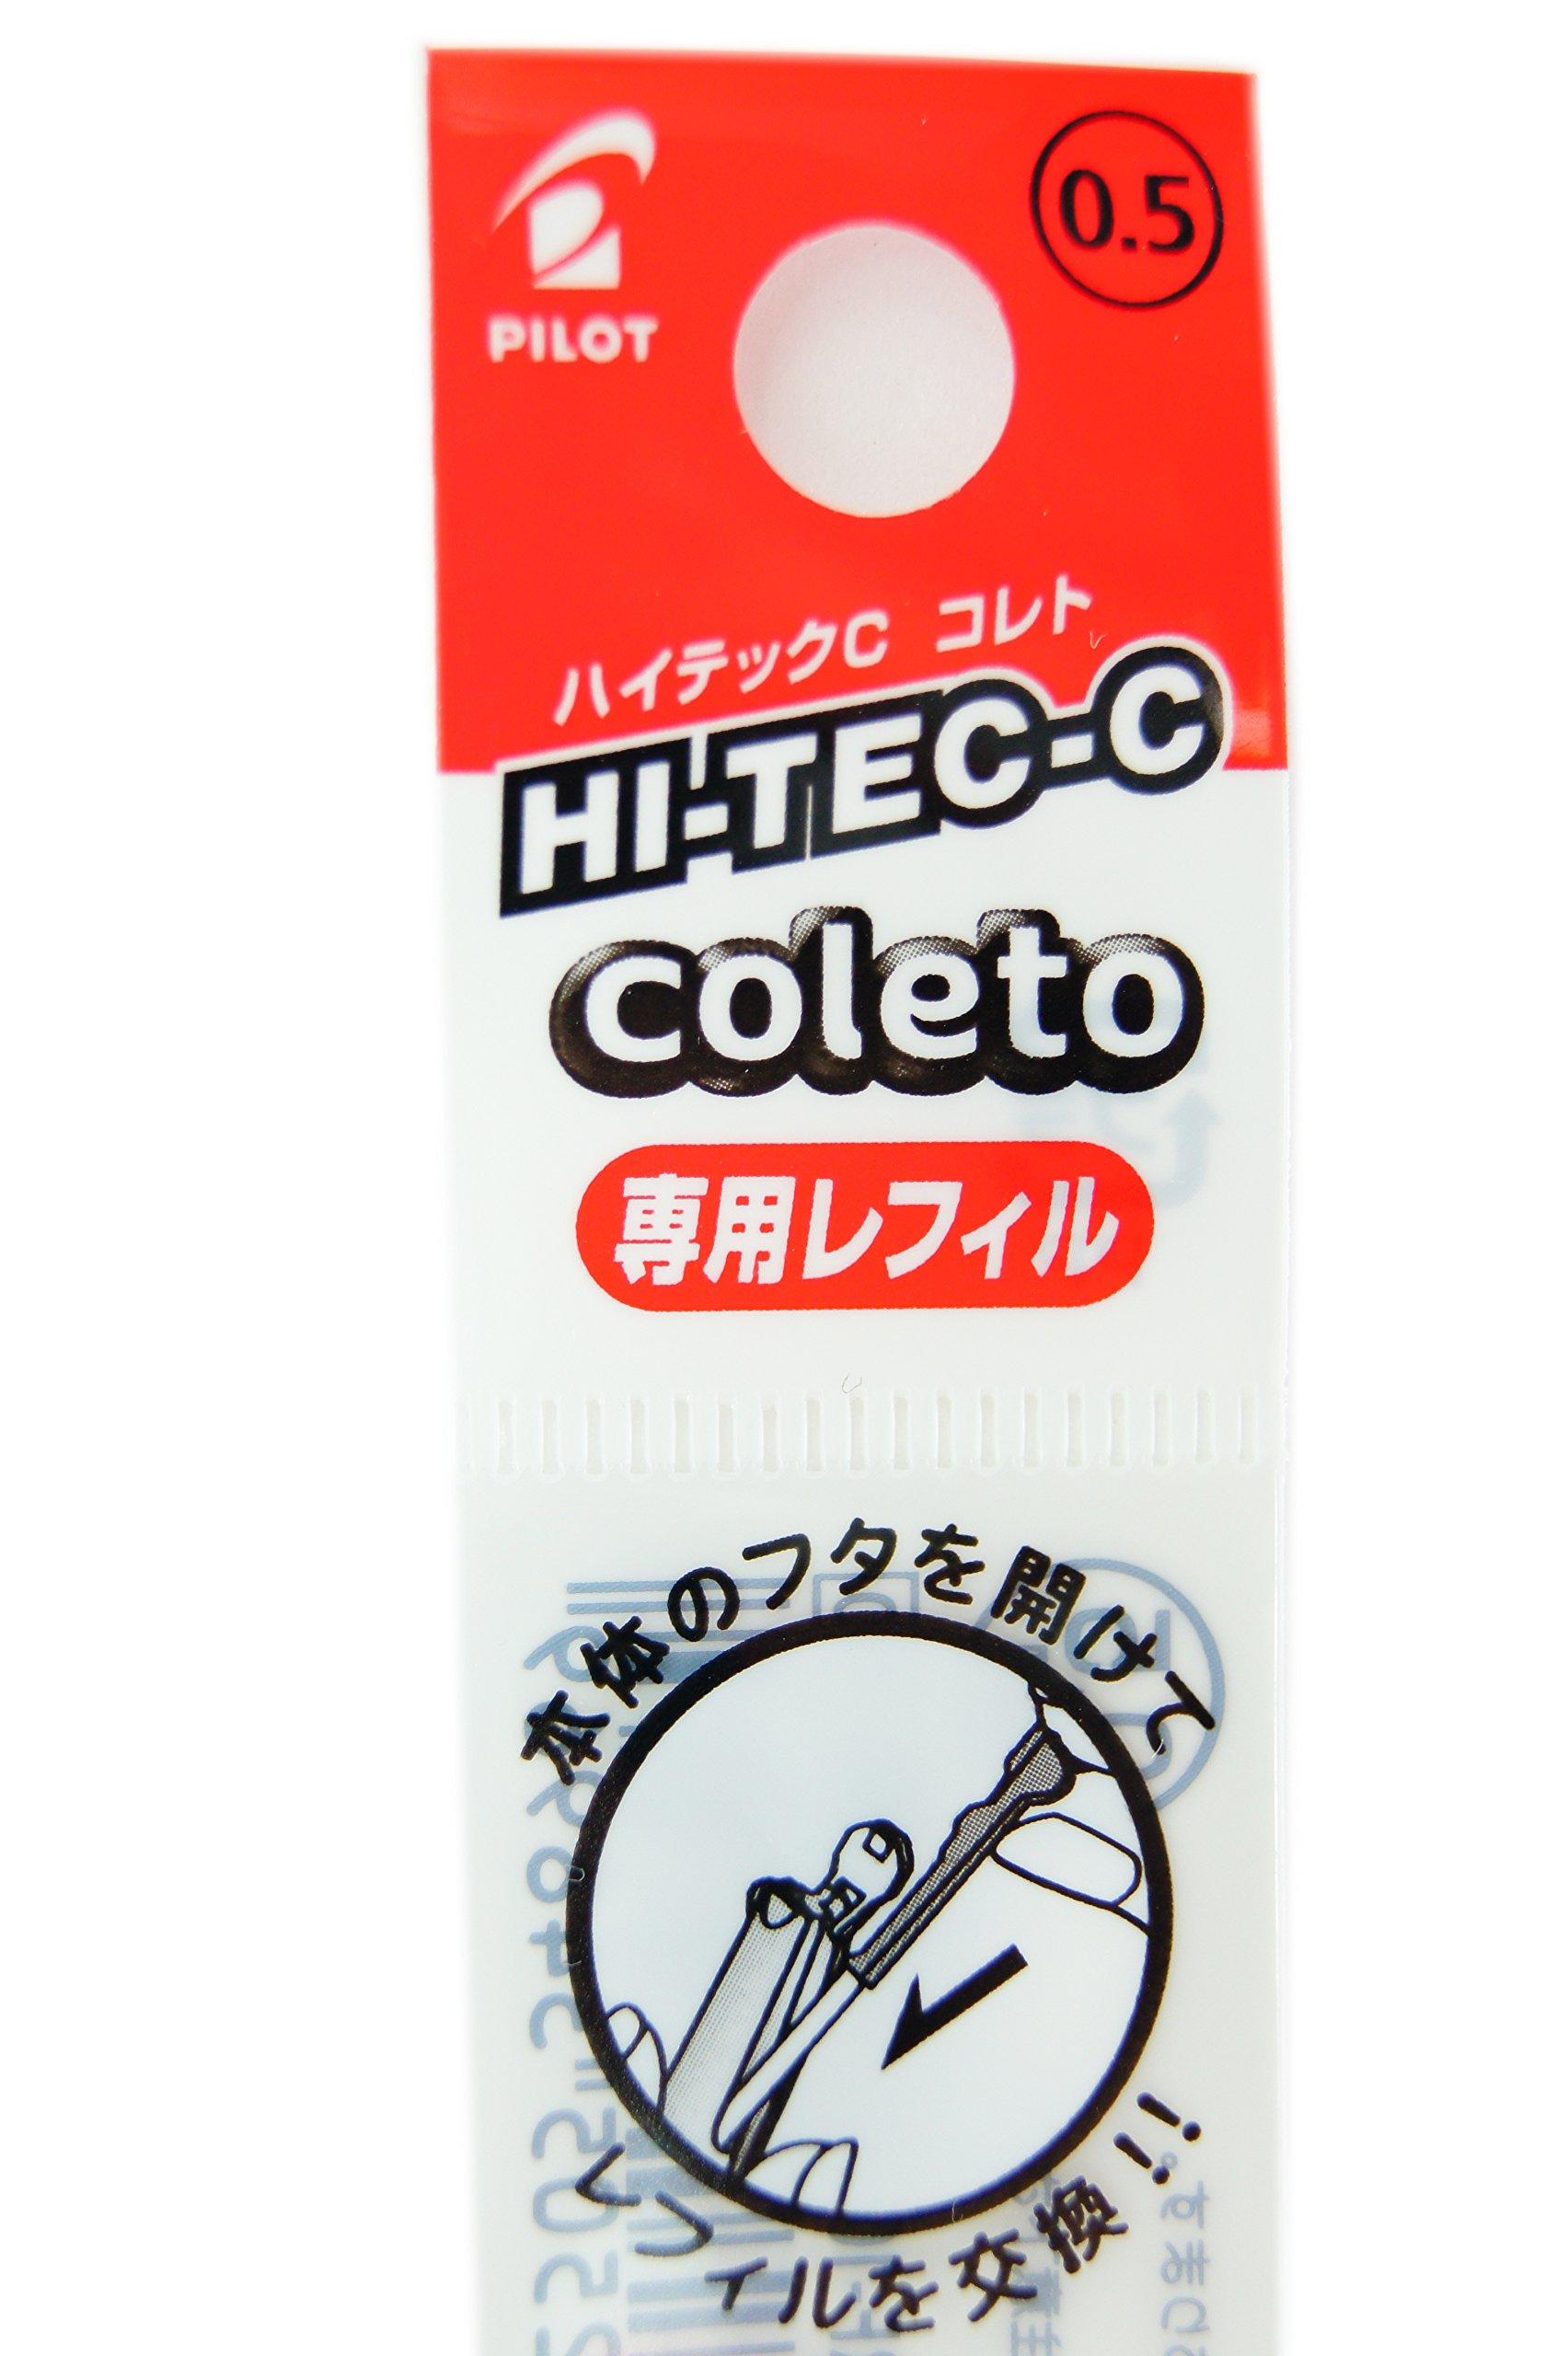 Pilot Hi-tec-c Coleto Gel Ink Pen 0.5mm 15 Color Refills, Mechanical Pencil Unit for 0.5mm Lead, Eraser Unit, Sticky Notes Value Set by Stationery JP (Image #2)